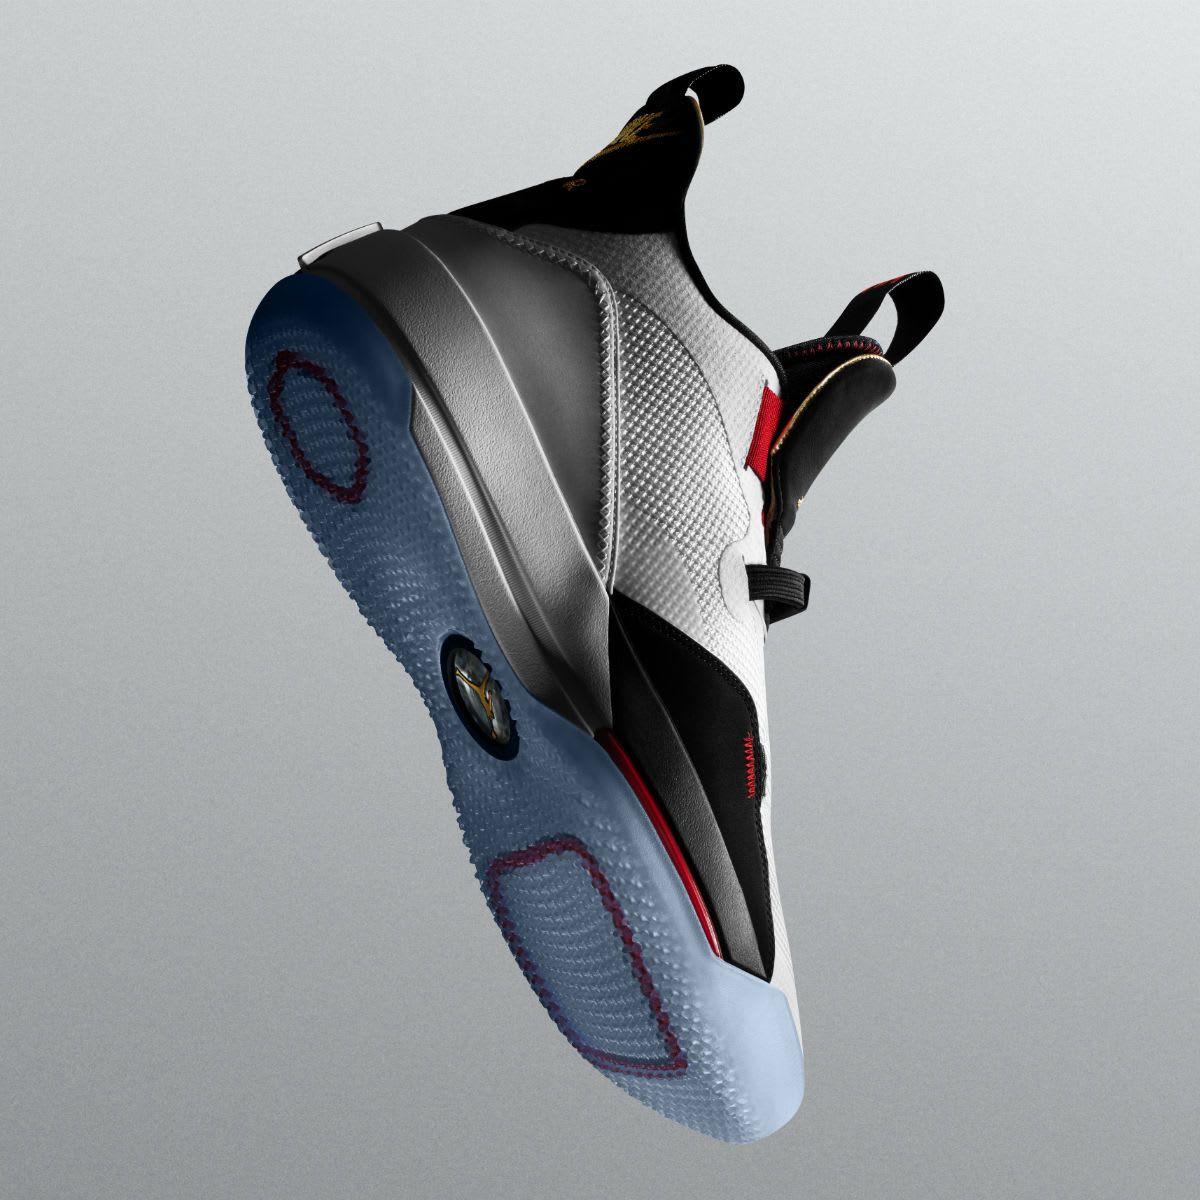 new concept 59961 287b1 Air Jordan 3, Air Jordan De Nike, Tenis